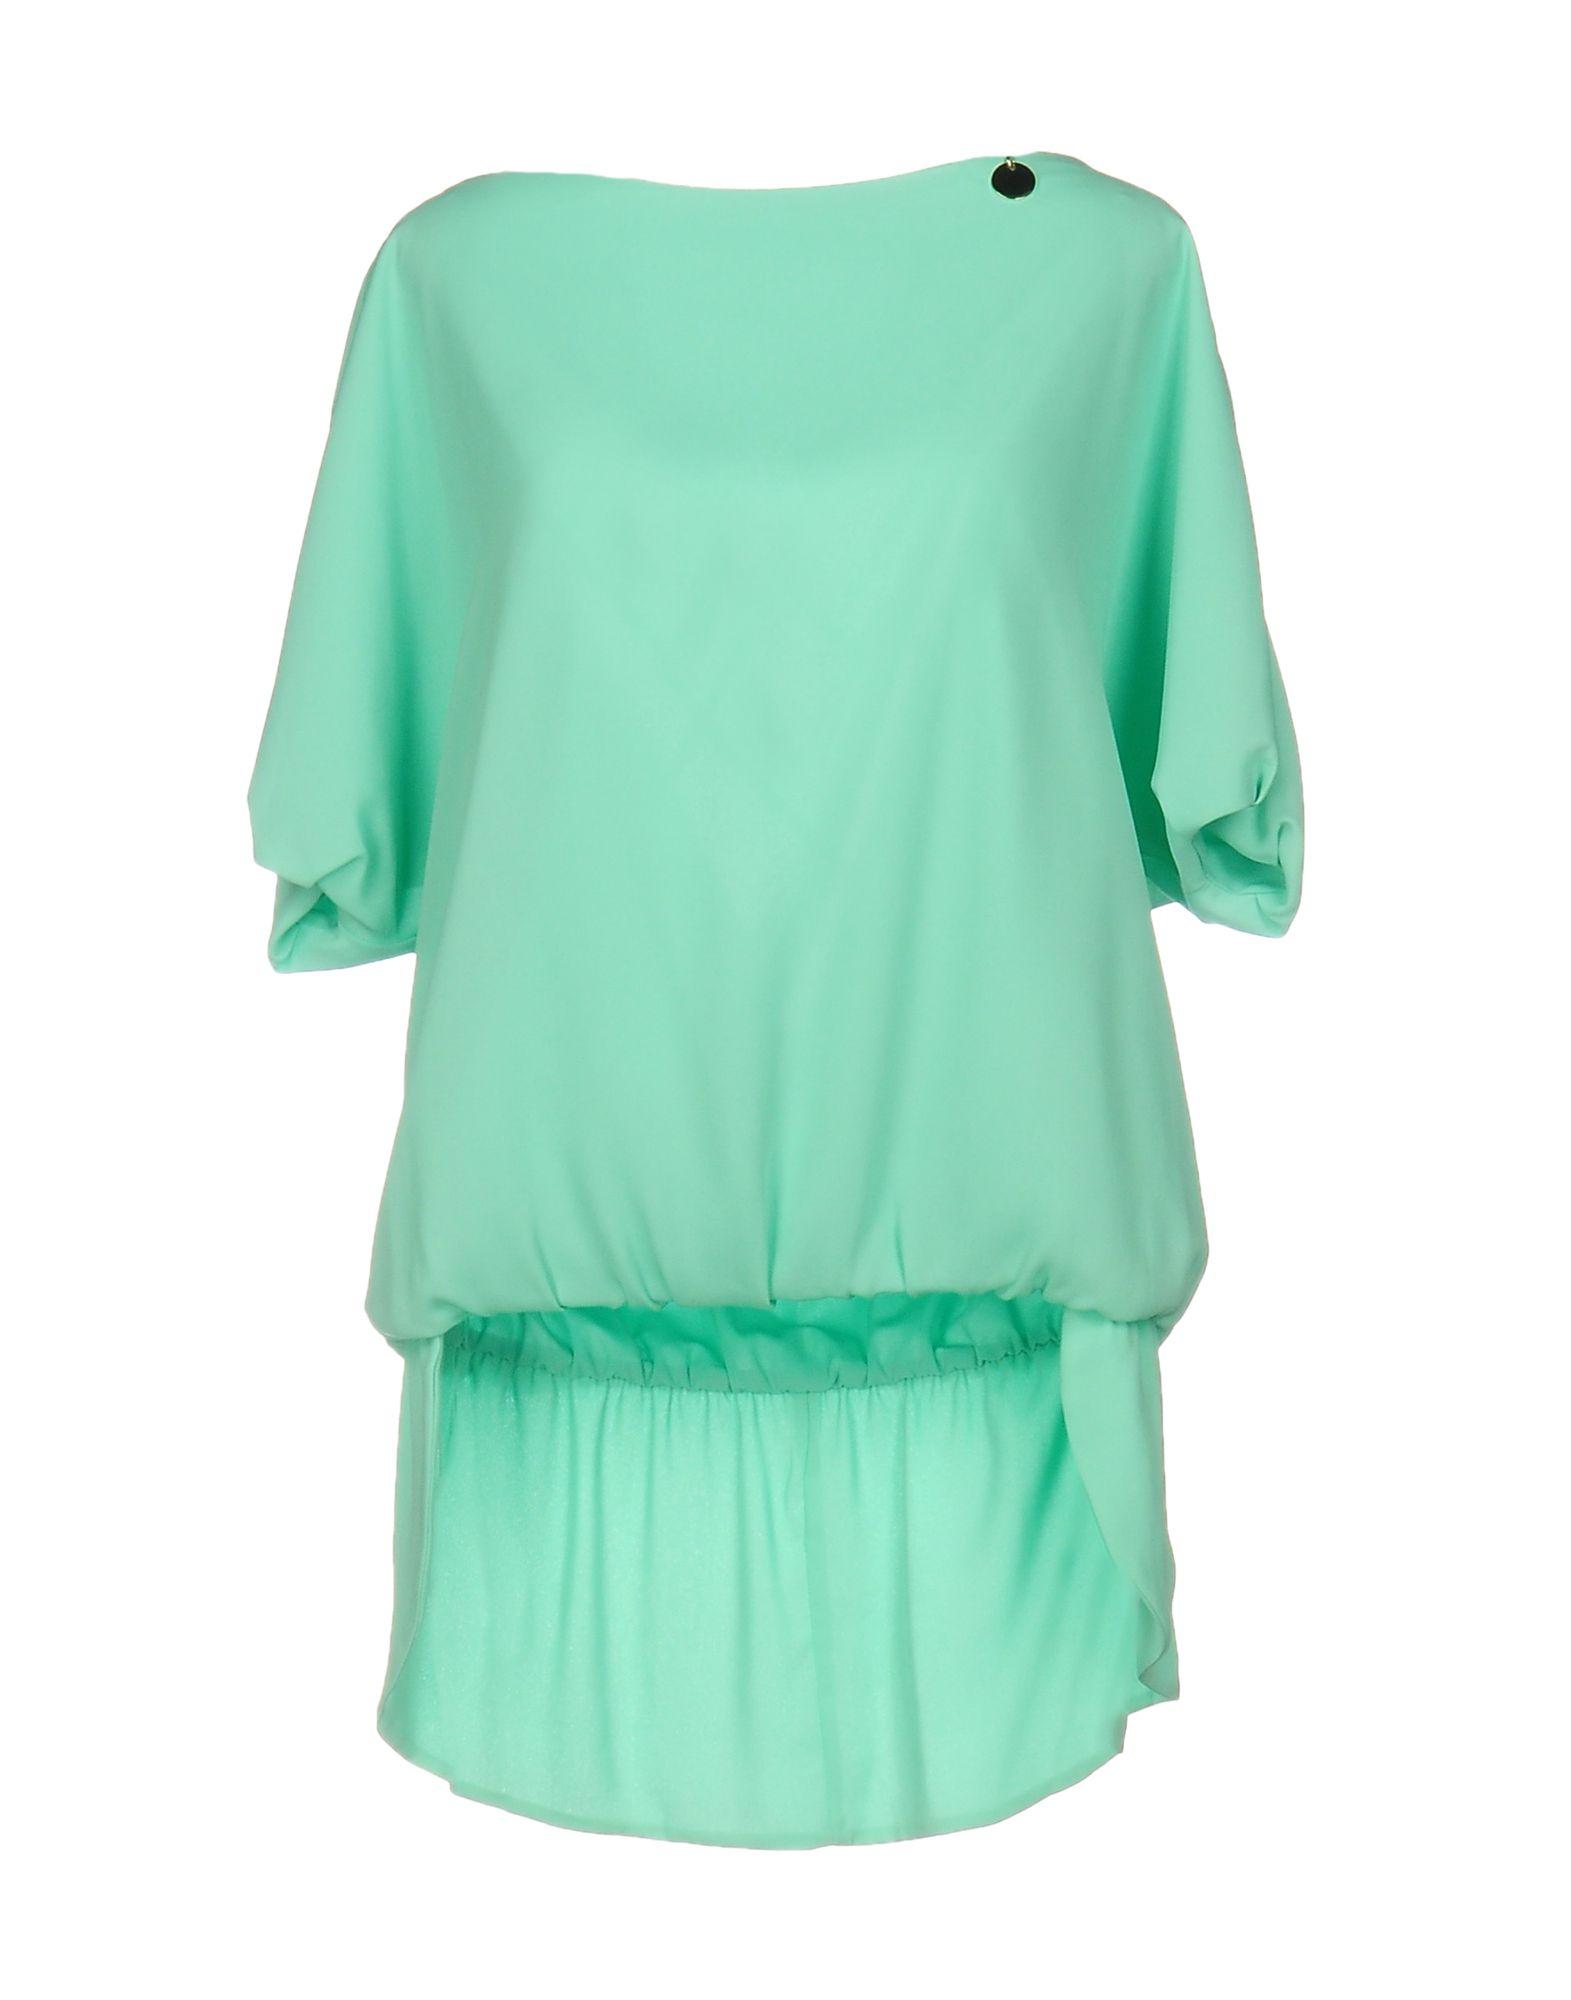 Фото - MANGANO Блузка mangano блузка